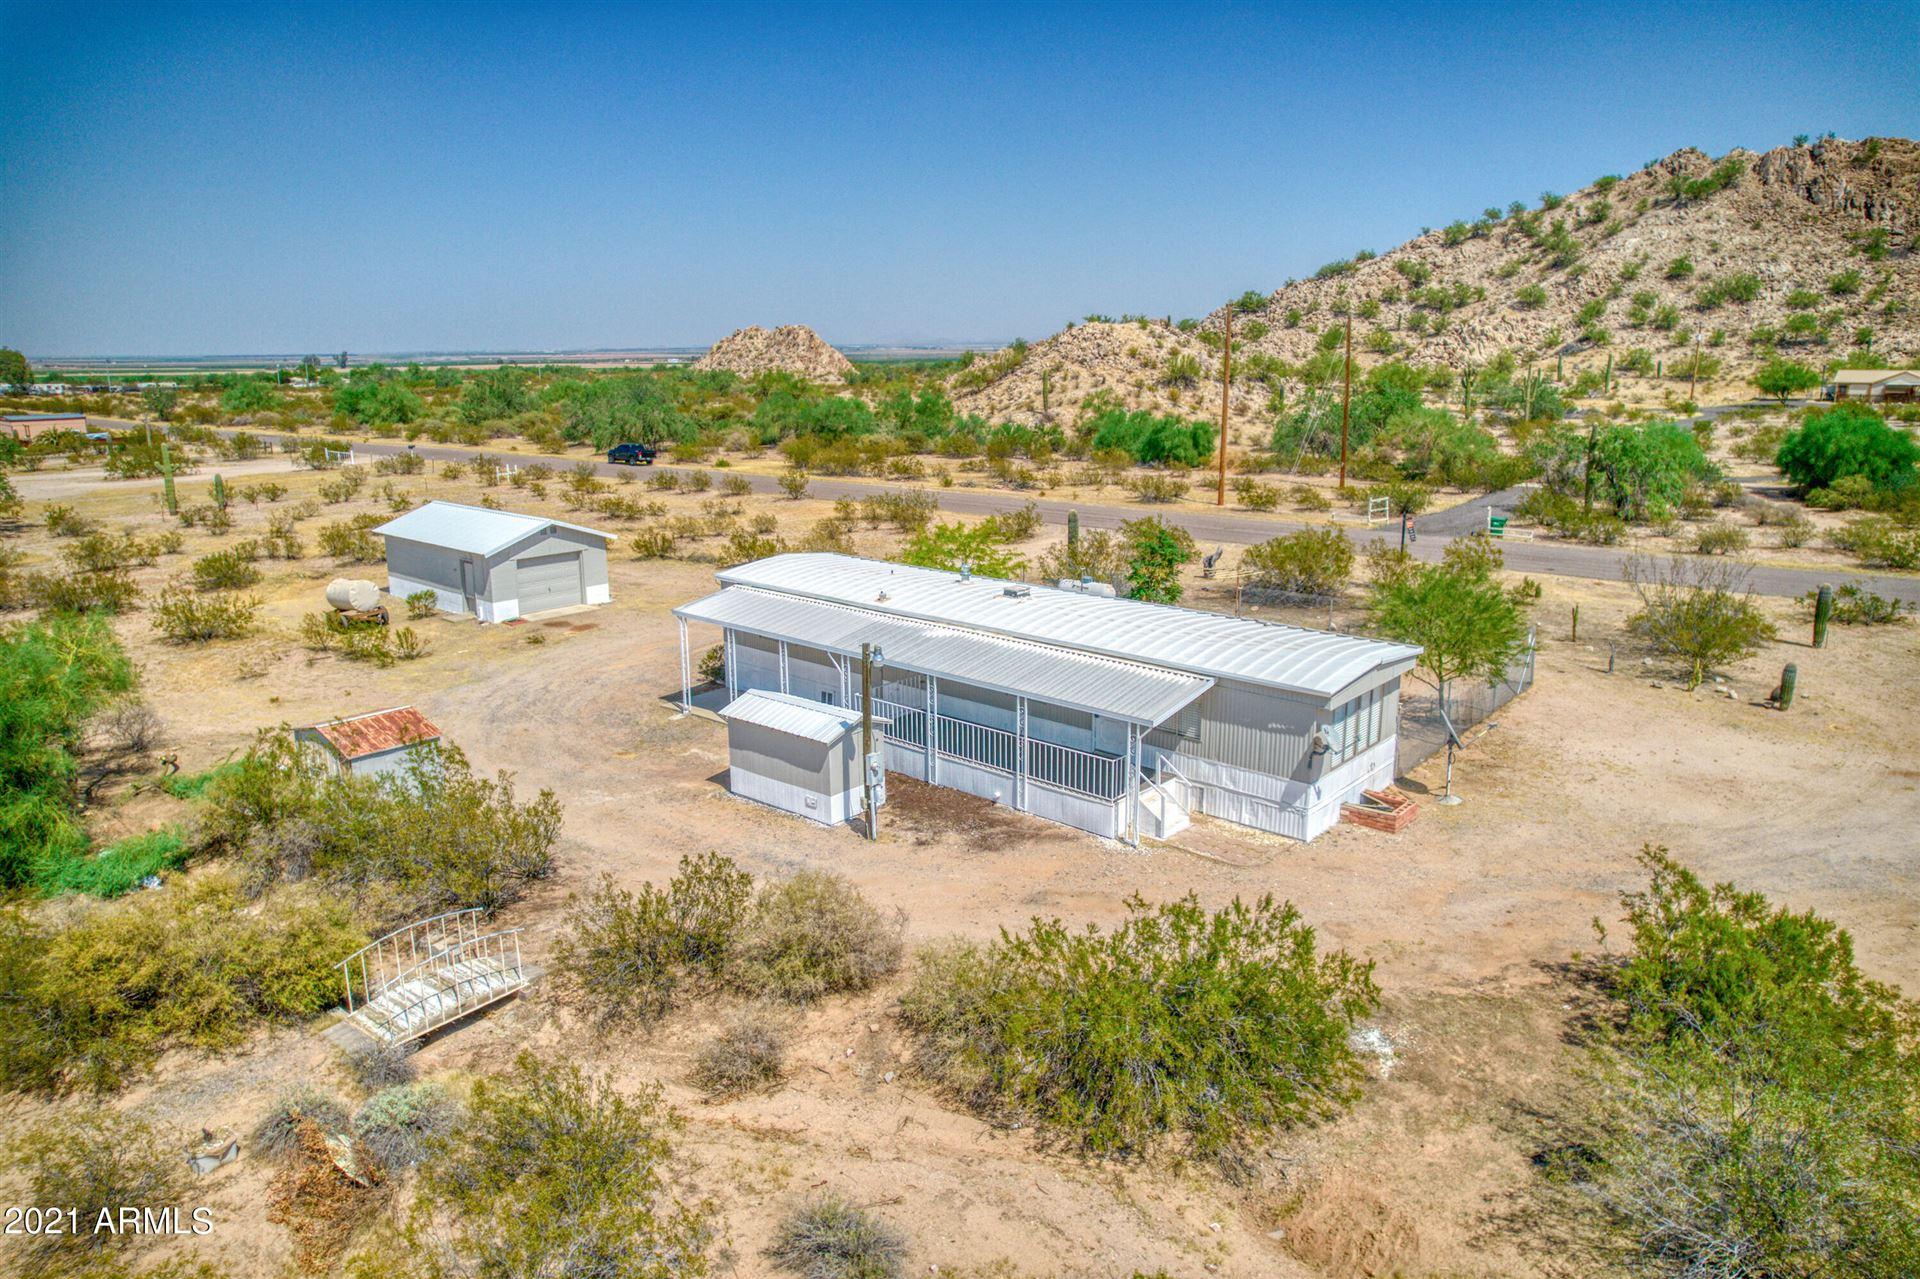 Photo for 116 N LIEBRE Road, Maricopa, AZ 85139 (MLS # 6294890)